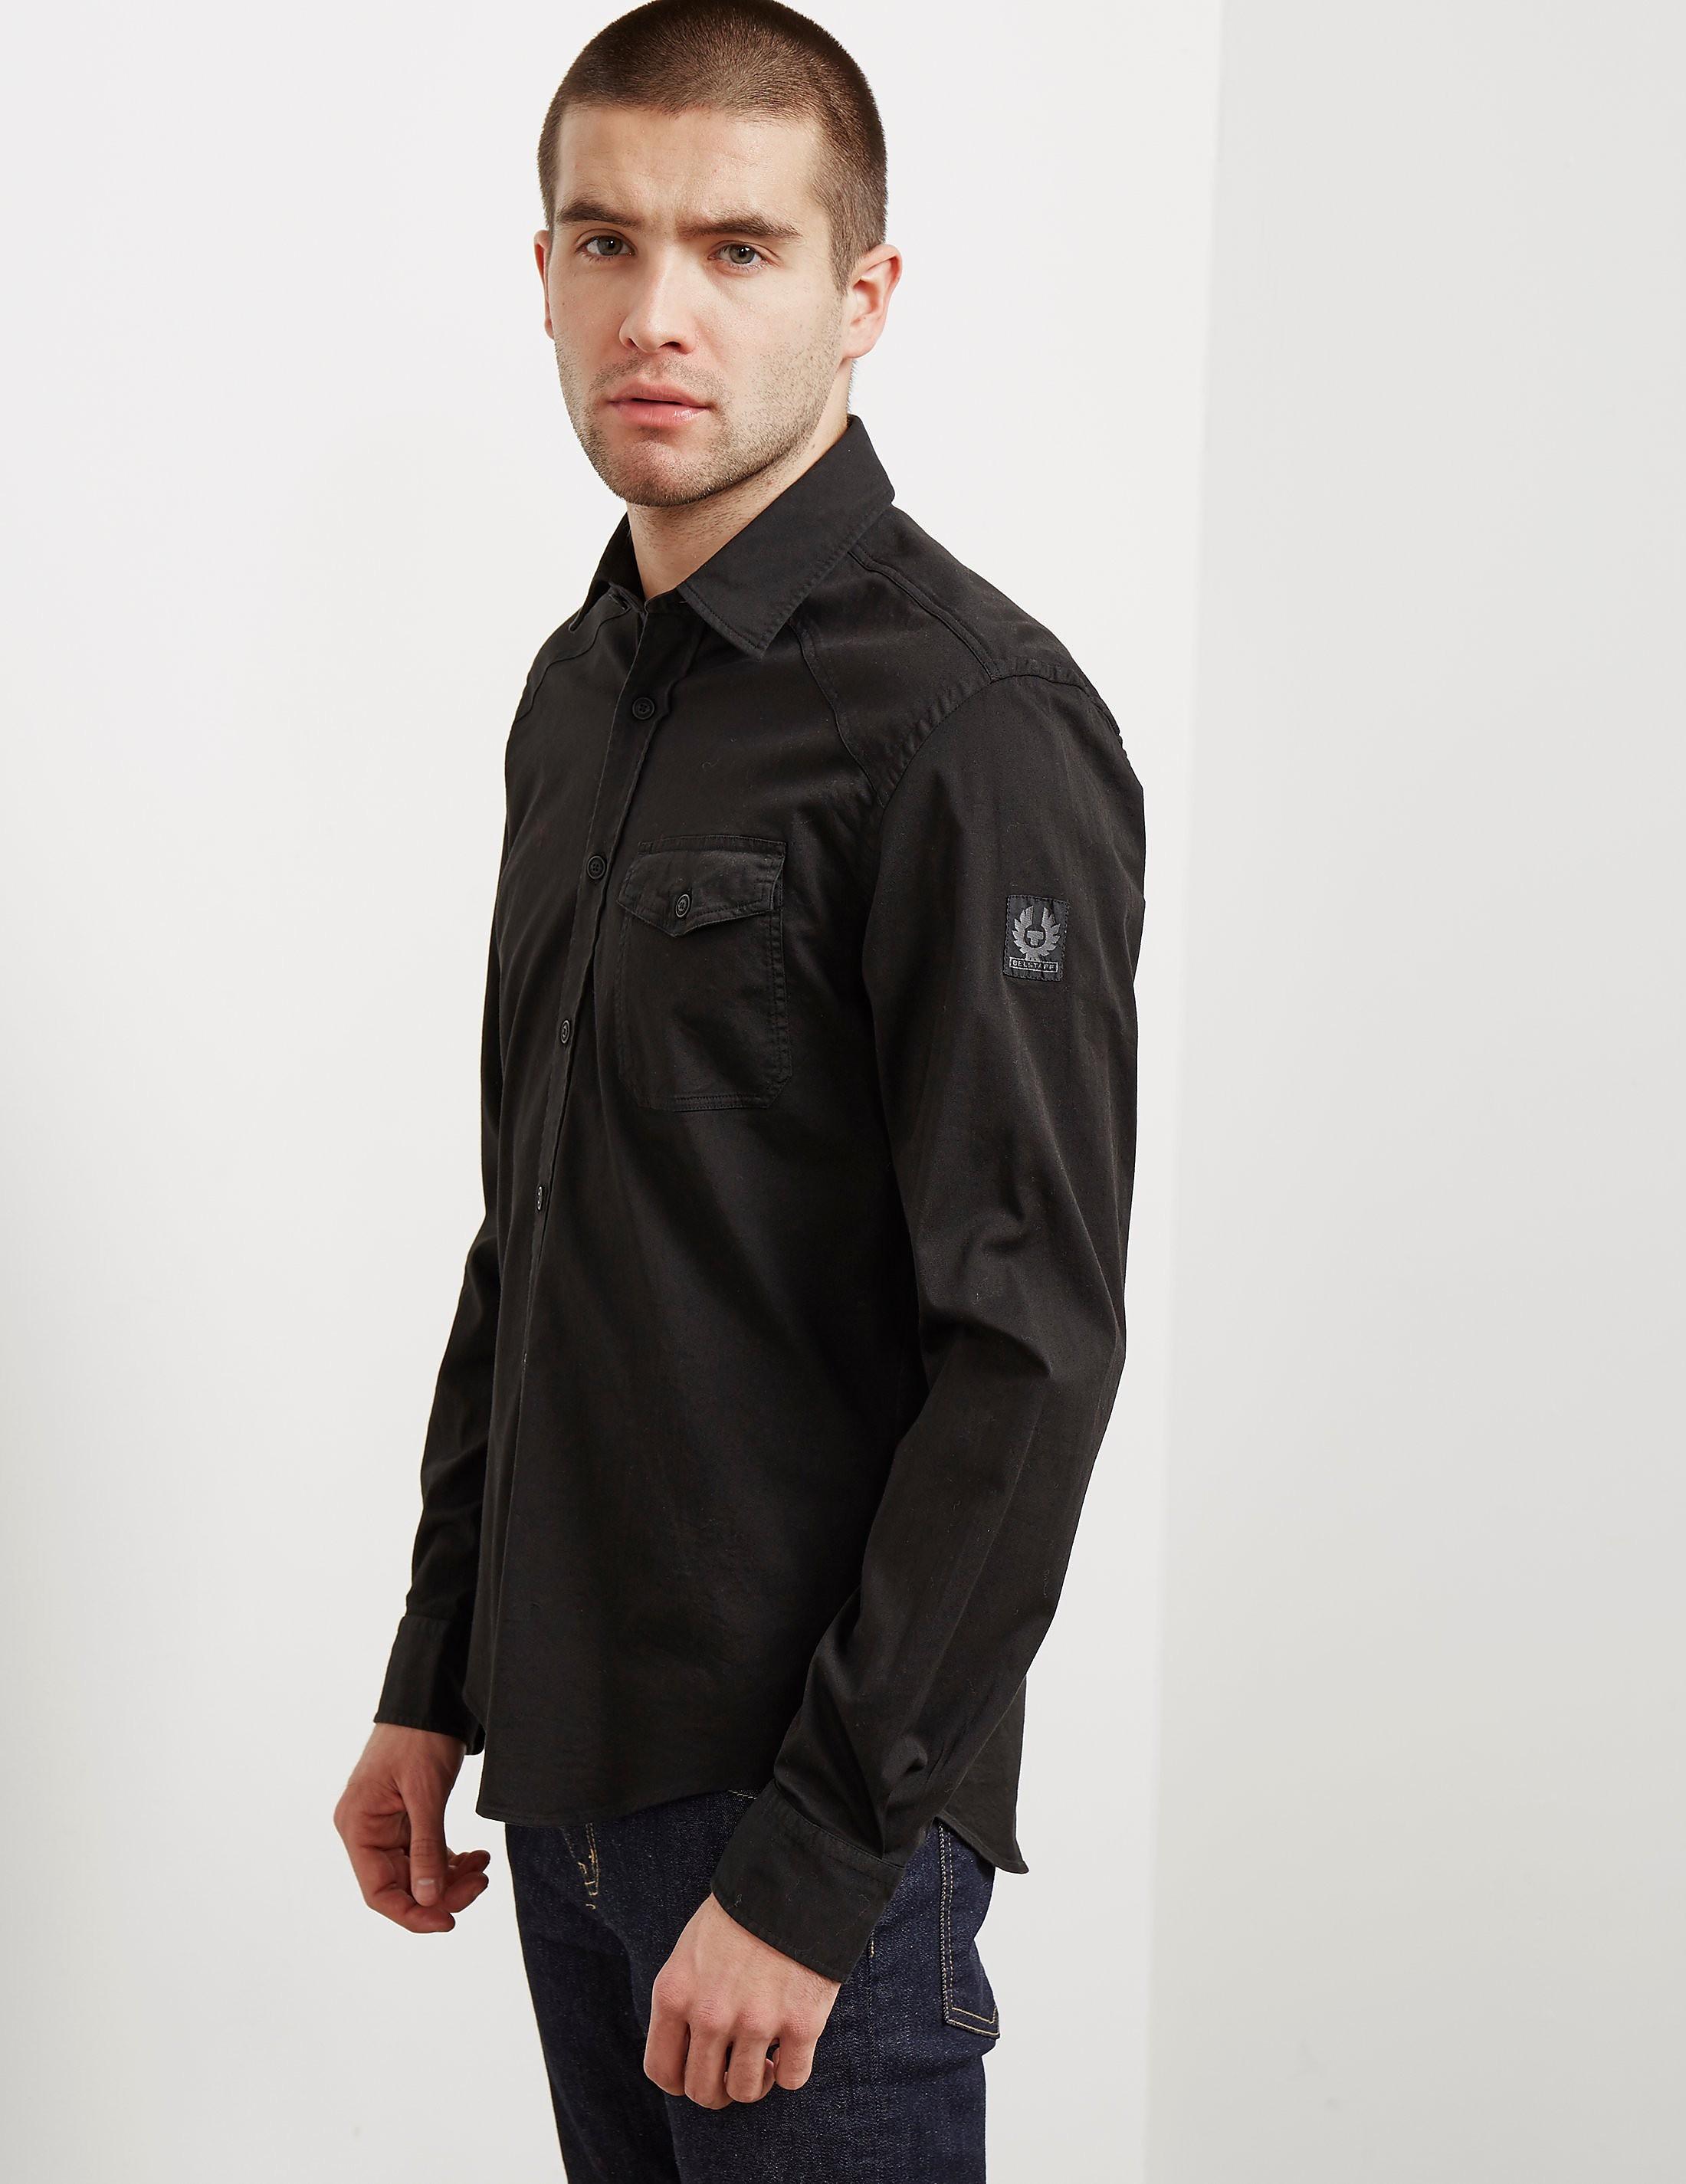 Belstaff Steadway Long Sleeve Shirt